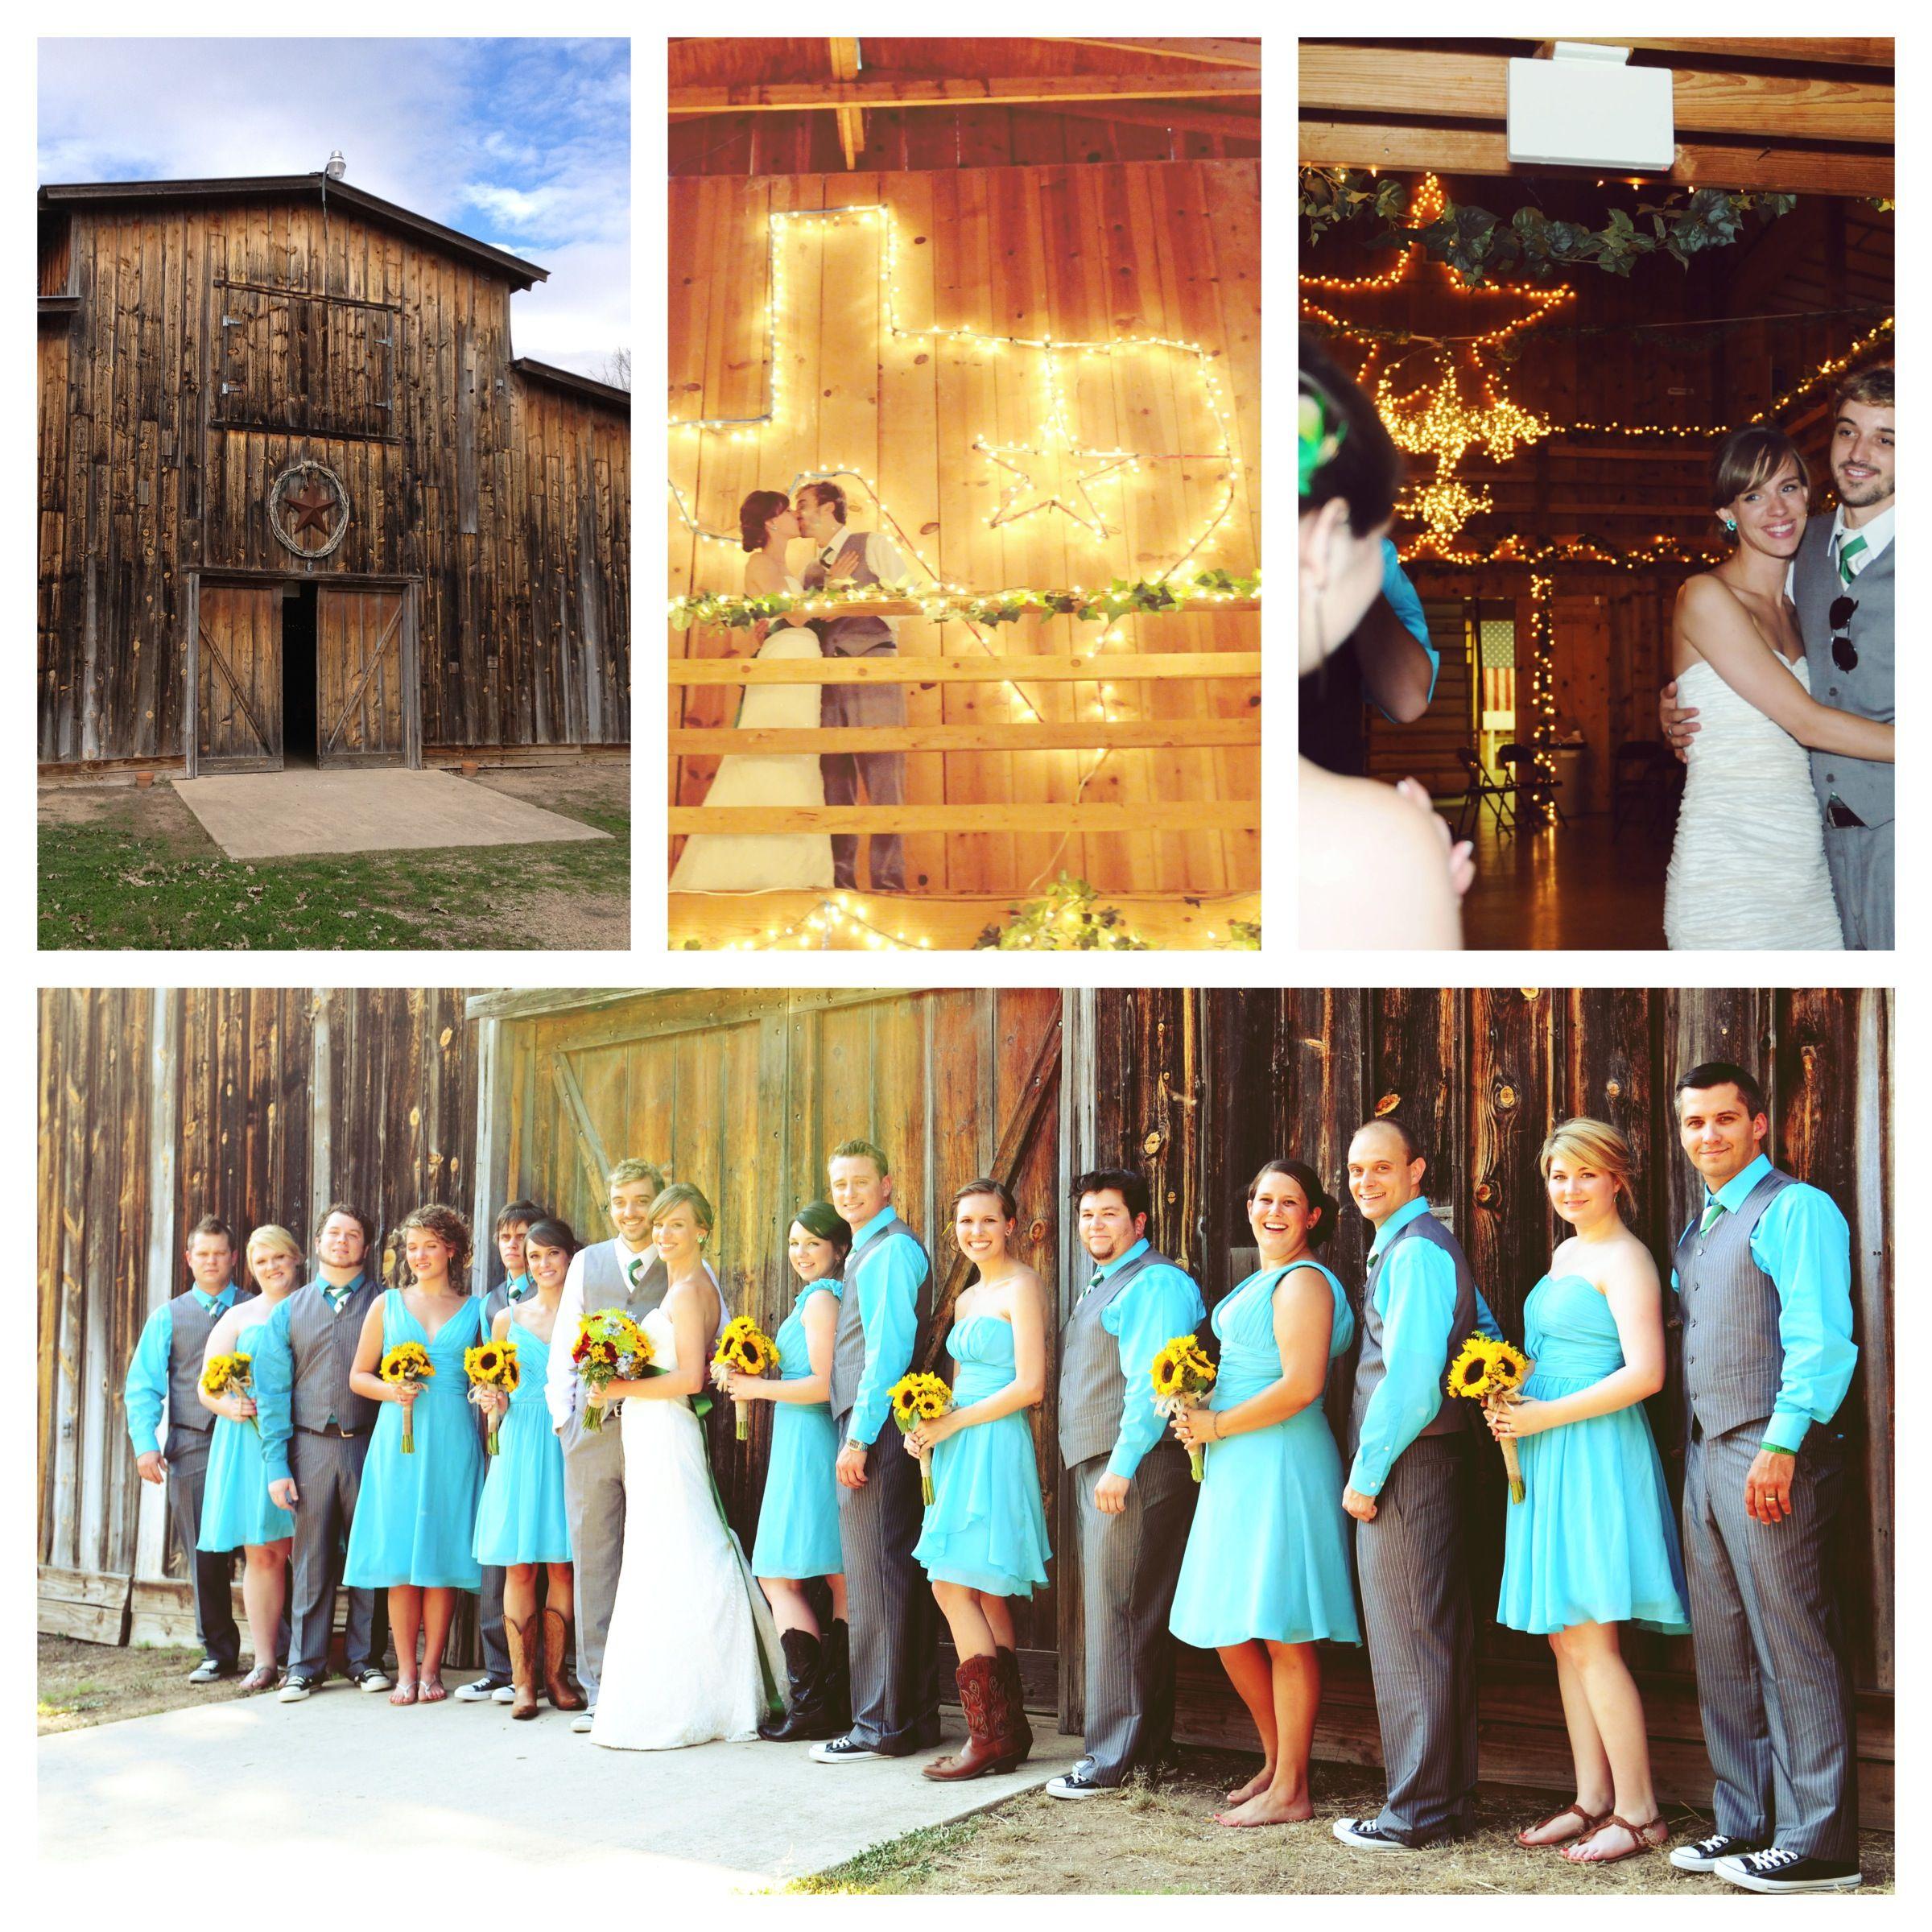 Old Barn Wedding Venue: Jack's Barn, Salado TX: Reception Venue Dream Come True